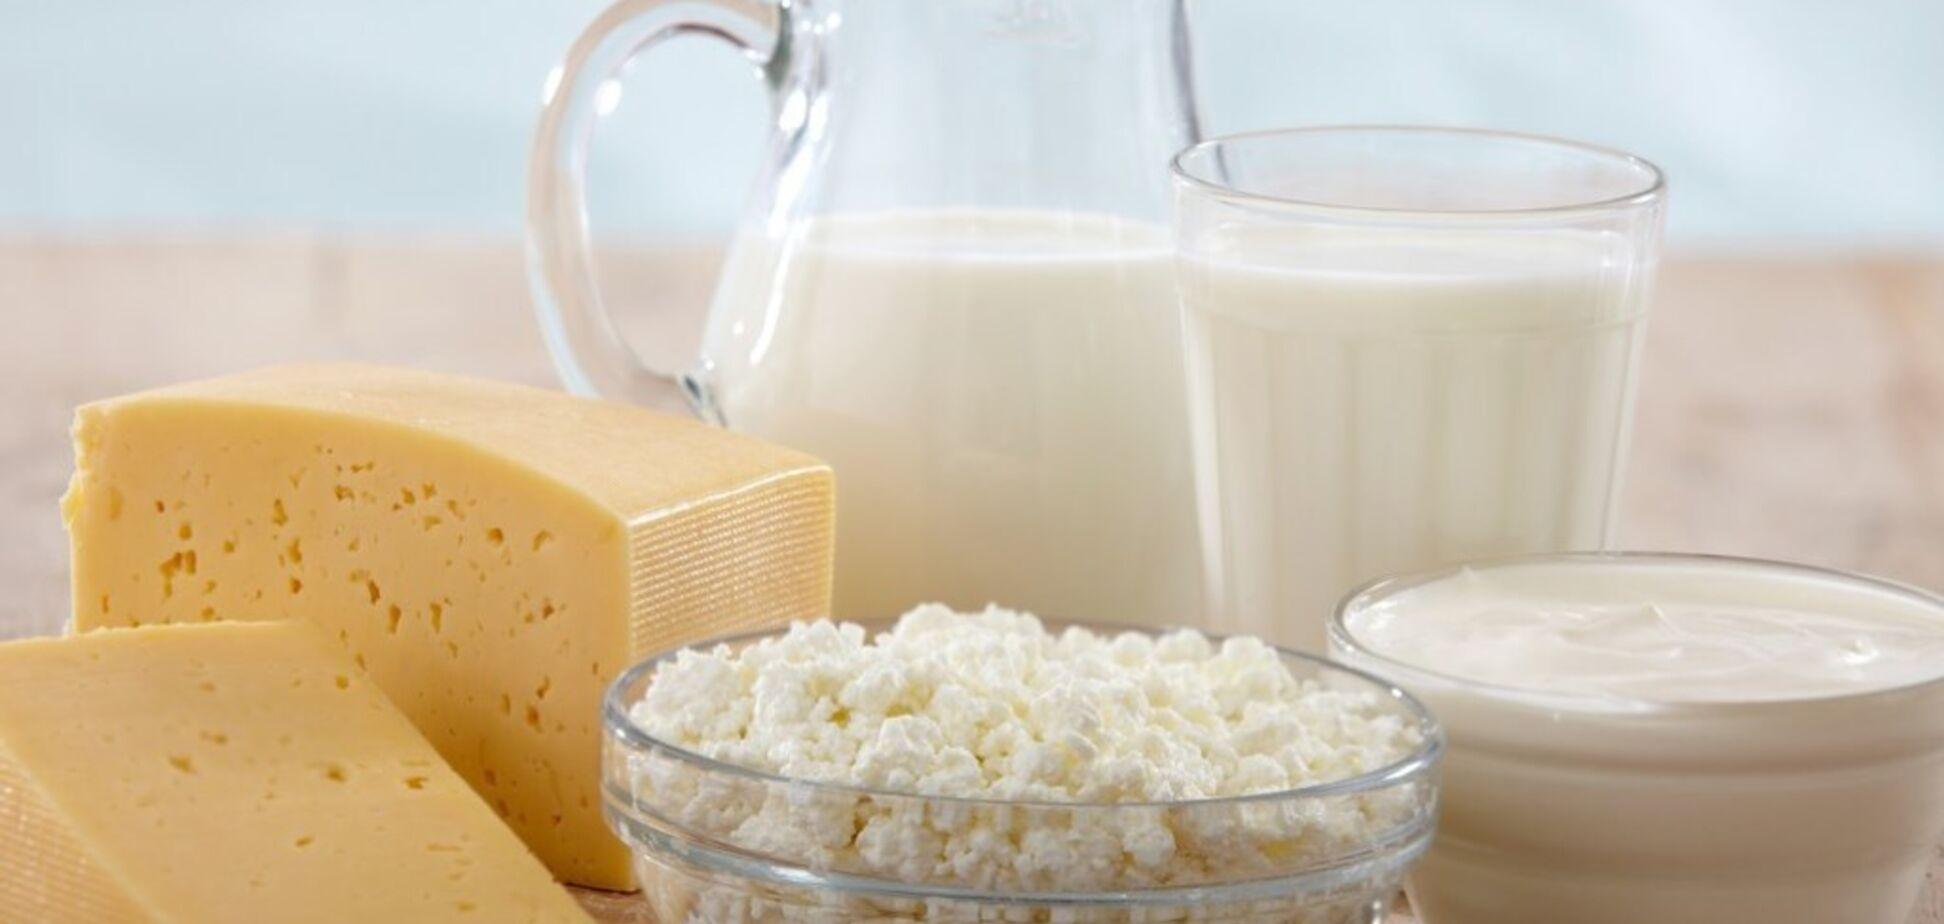 Кисломолочные продукты: кому категорически противопоказаны